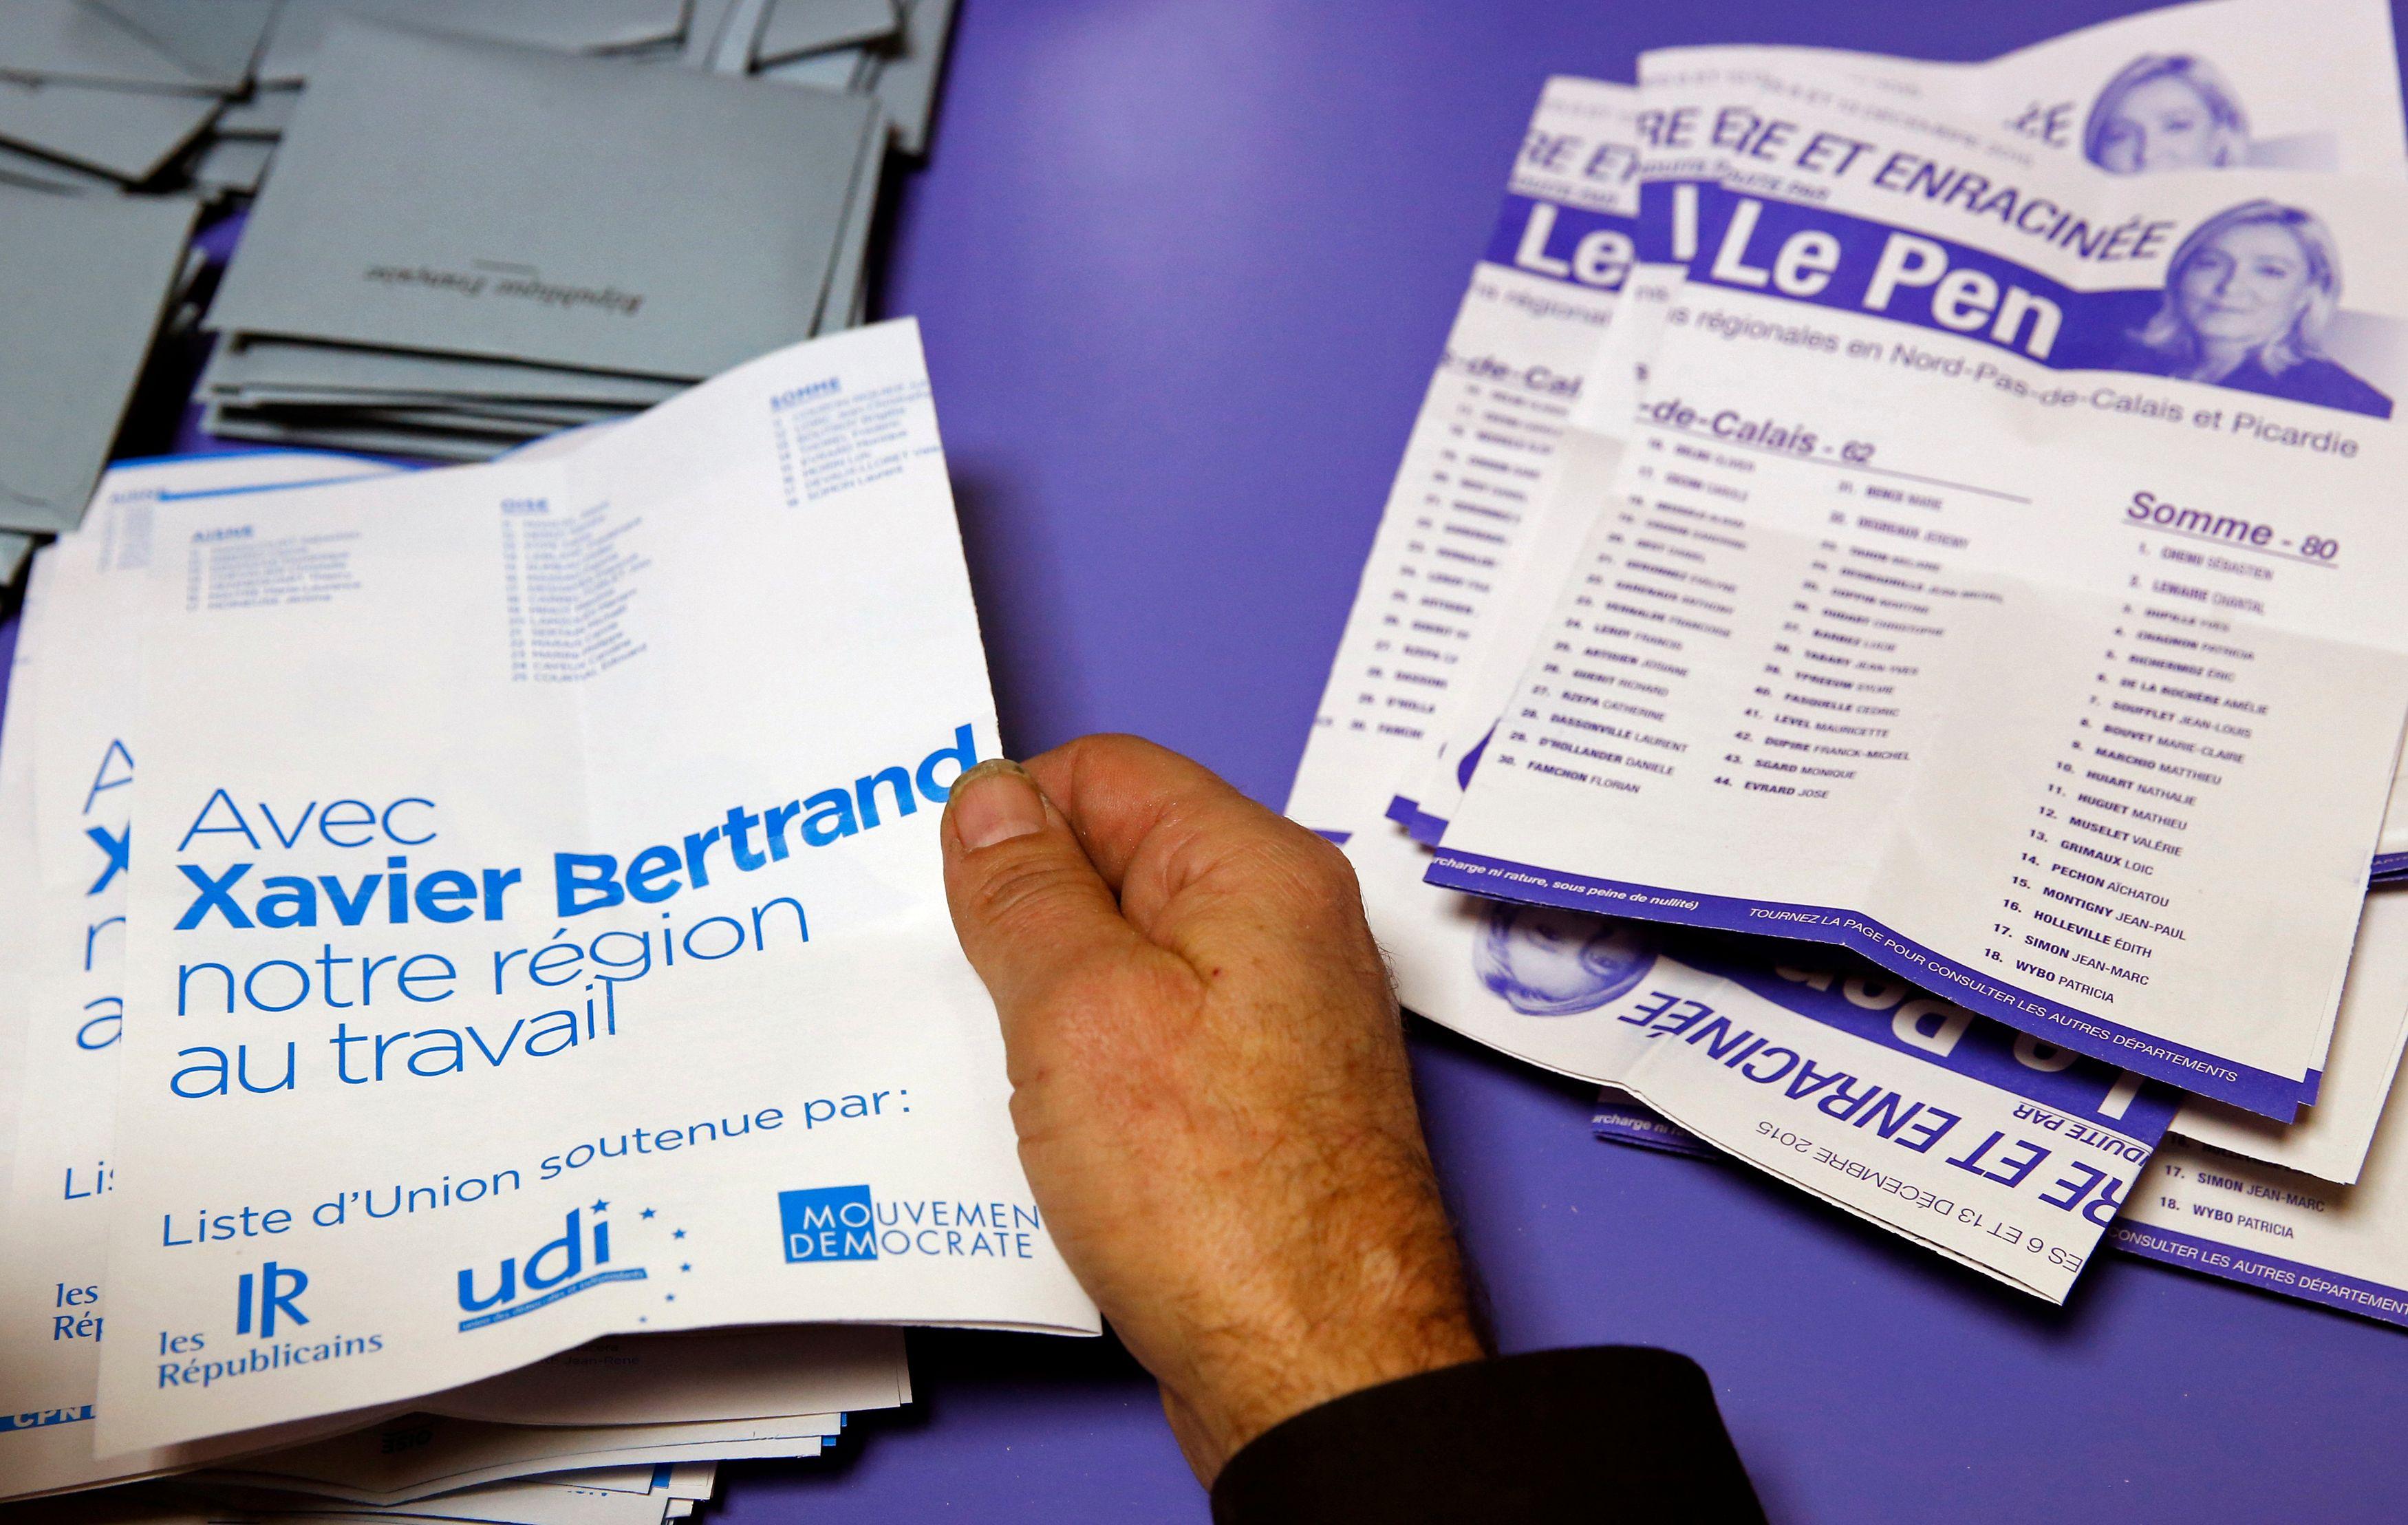 La projection des résultats du 1er tour des régionales sur les législatives montre que le FN serait présent au second tour dans près de 380 circonscriptions et en tête dans près de 230. D'où les appels du pied de François Hollande à la droite modérée.